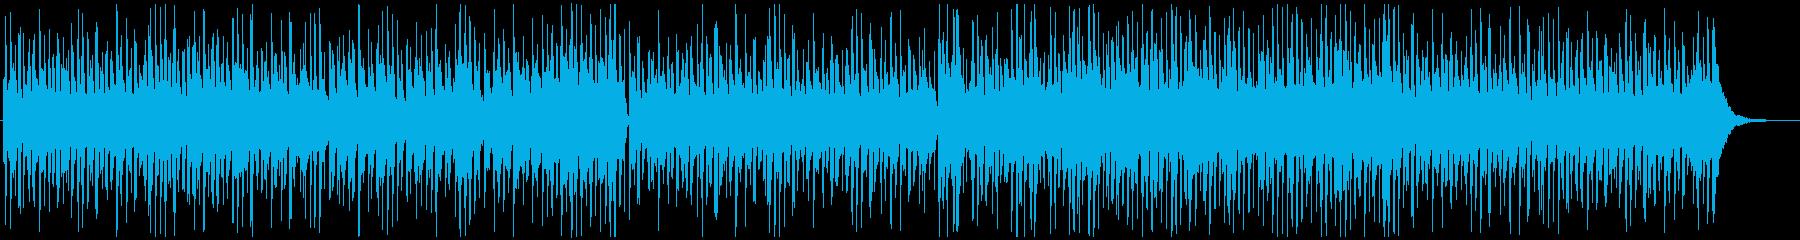 くつろぎラウンジジャズトリオの再生済みの波形